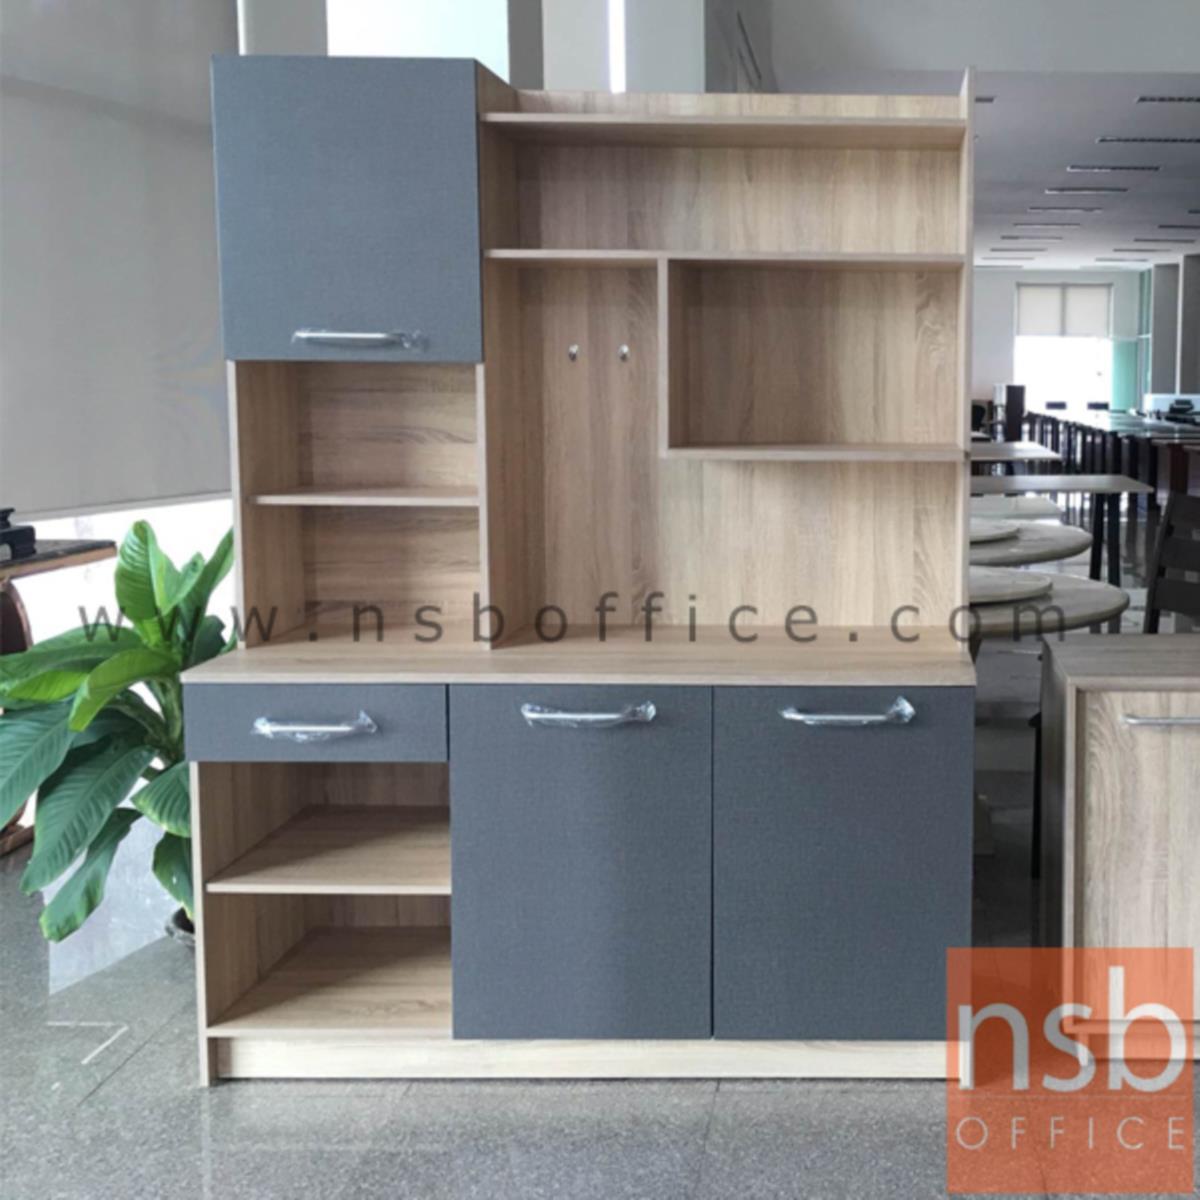 ชุดตู้ครัว พร้อมตู้ลอย ขนาด 150 cm.  รุ่น DK-PT201